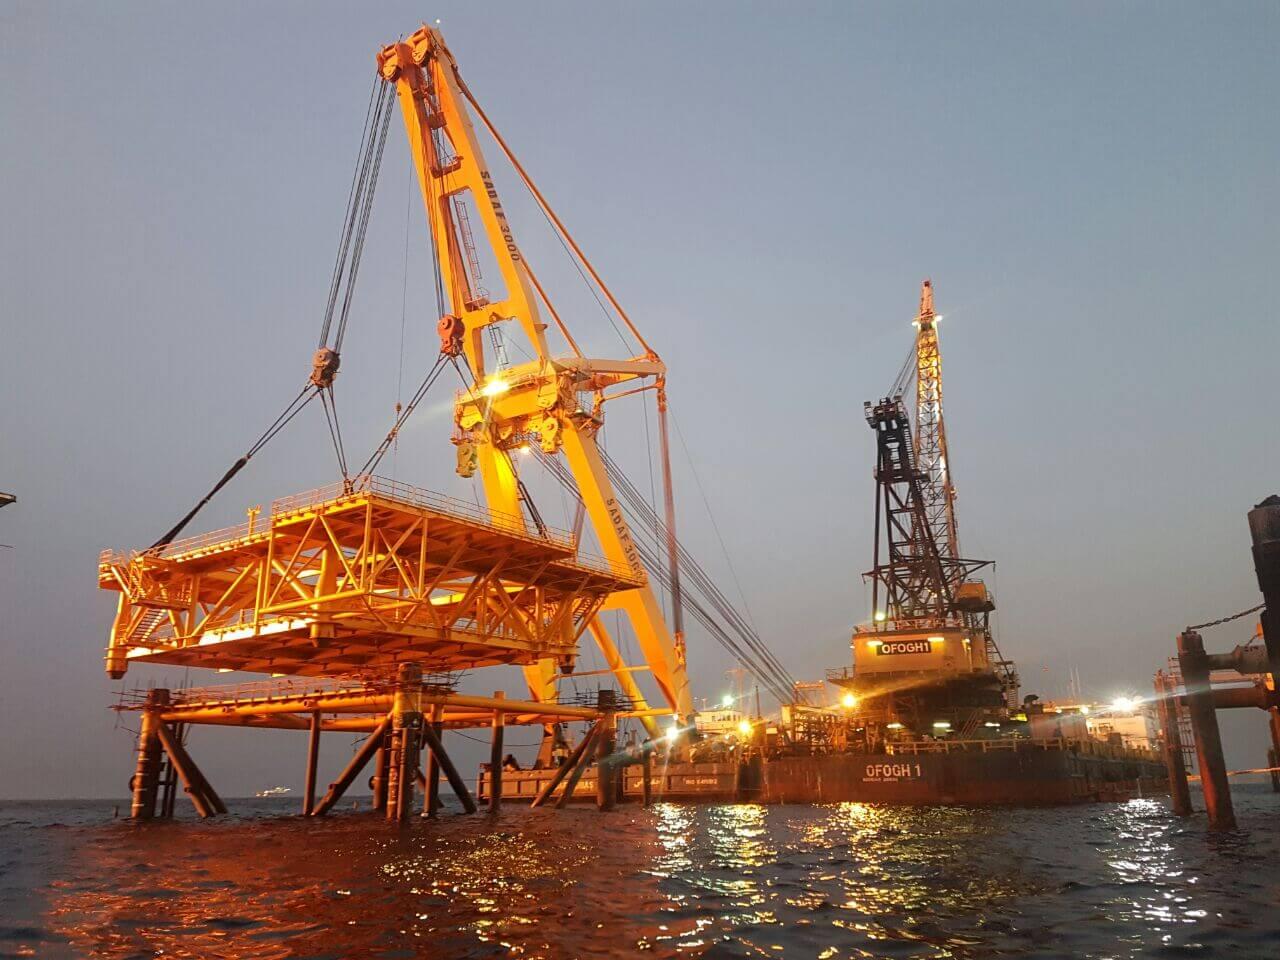 واگذاری مطالعه میدان نفتی مشترک با عربستان به دانشگاه صنعت نفت